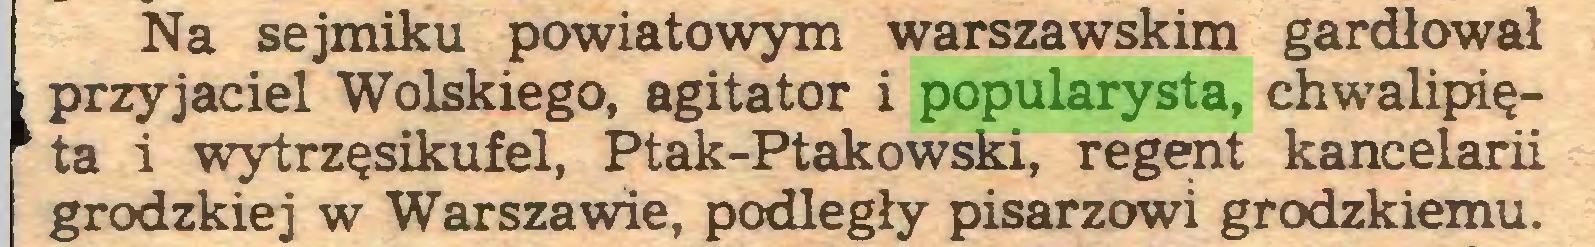 (...) Na sejmiku powiatowym warszawskim gardłował przyjaciel Wolskiego, agitator i popularysta, chwalipięta i wytrzęsikufel, Ptak-Ptakowski, regent kancelarii grodzkiej w Warszawie, podległy pisarzowi grodzkiemu...